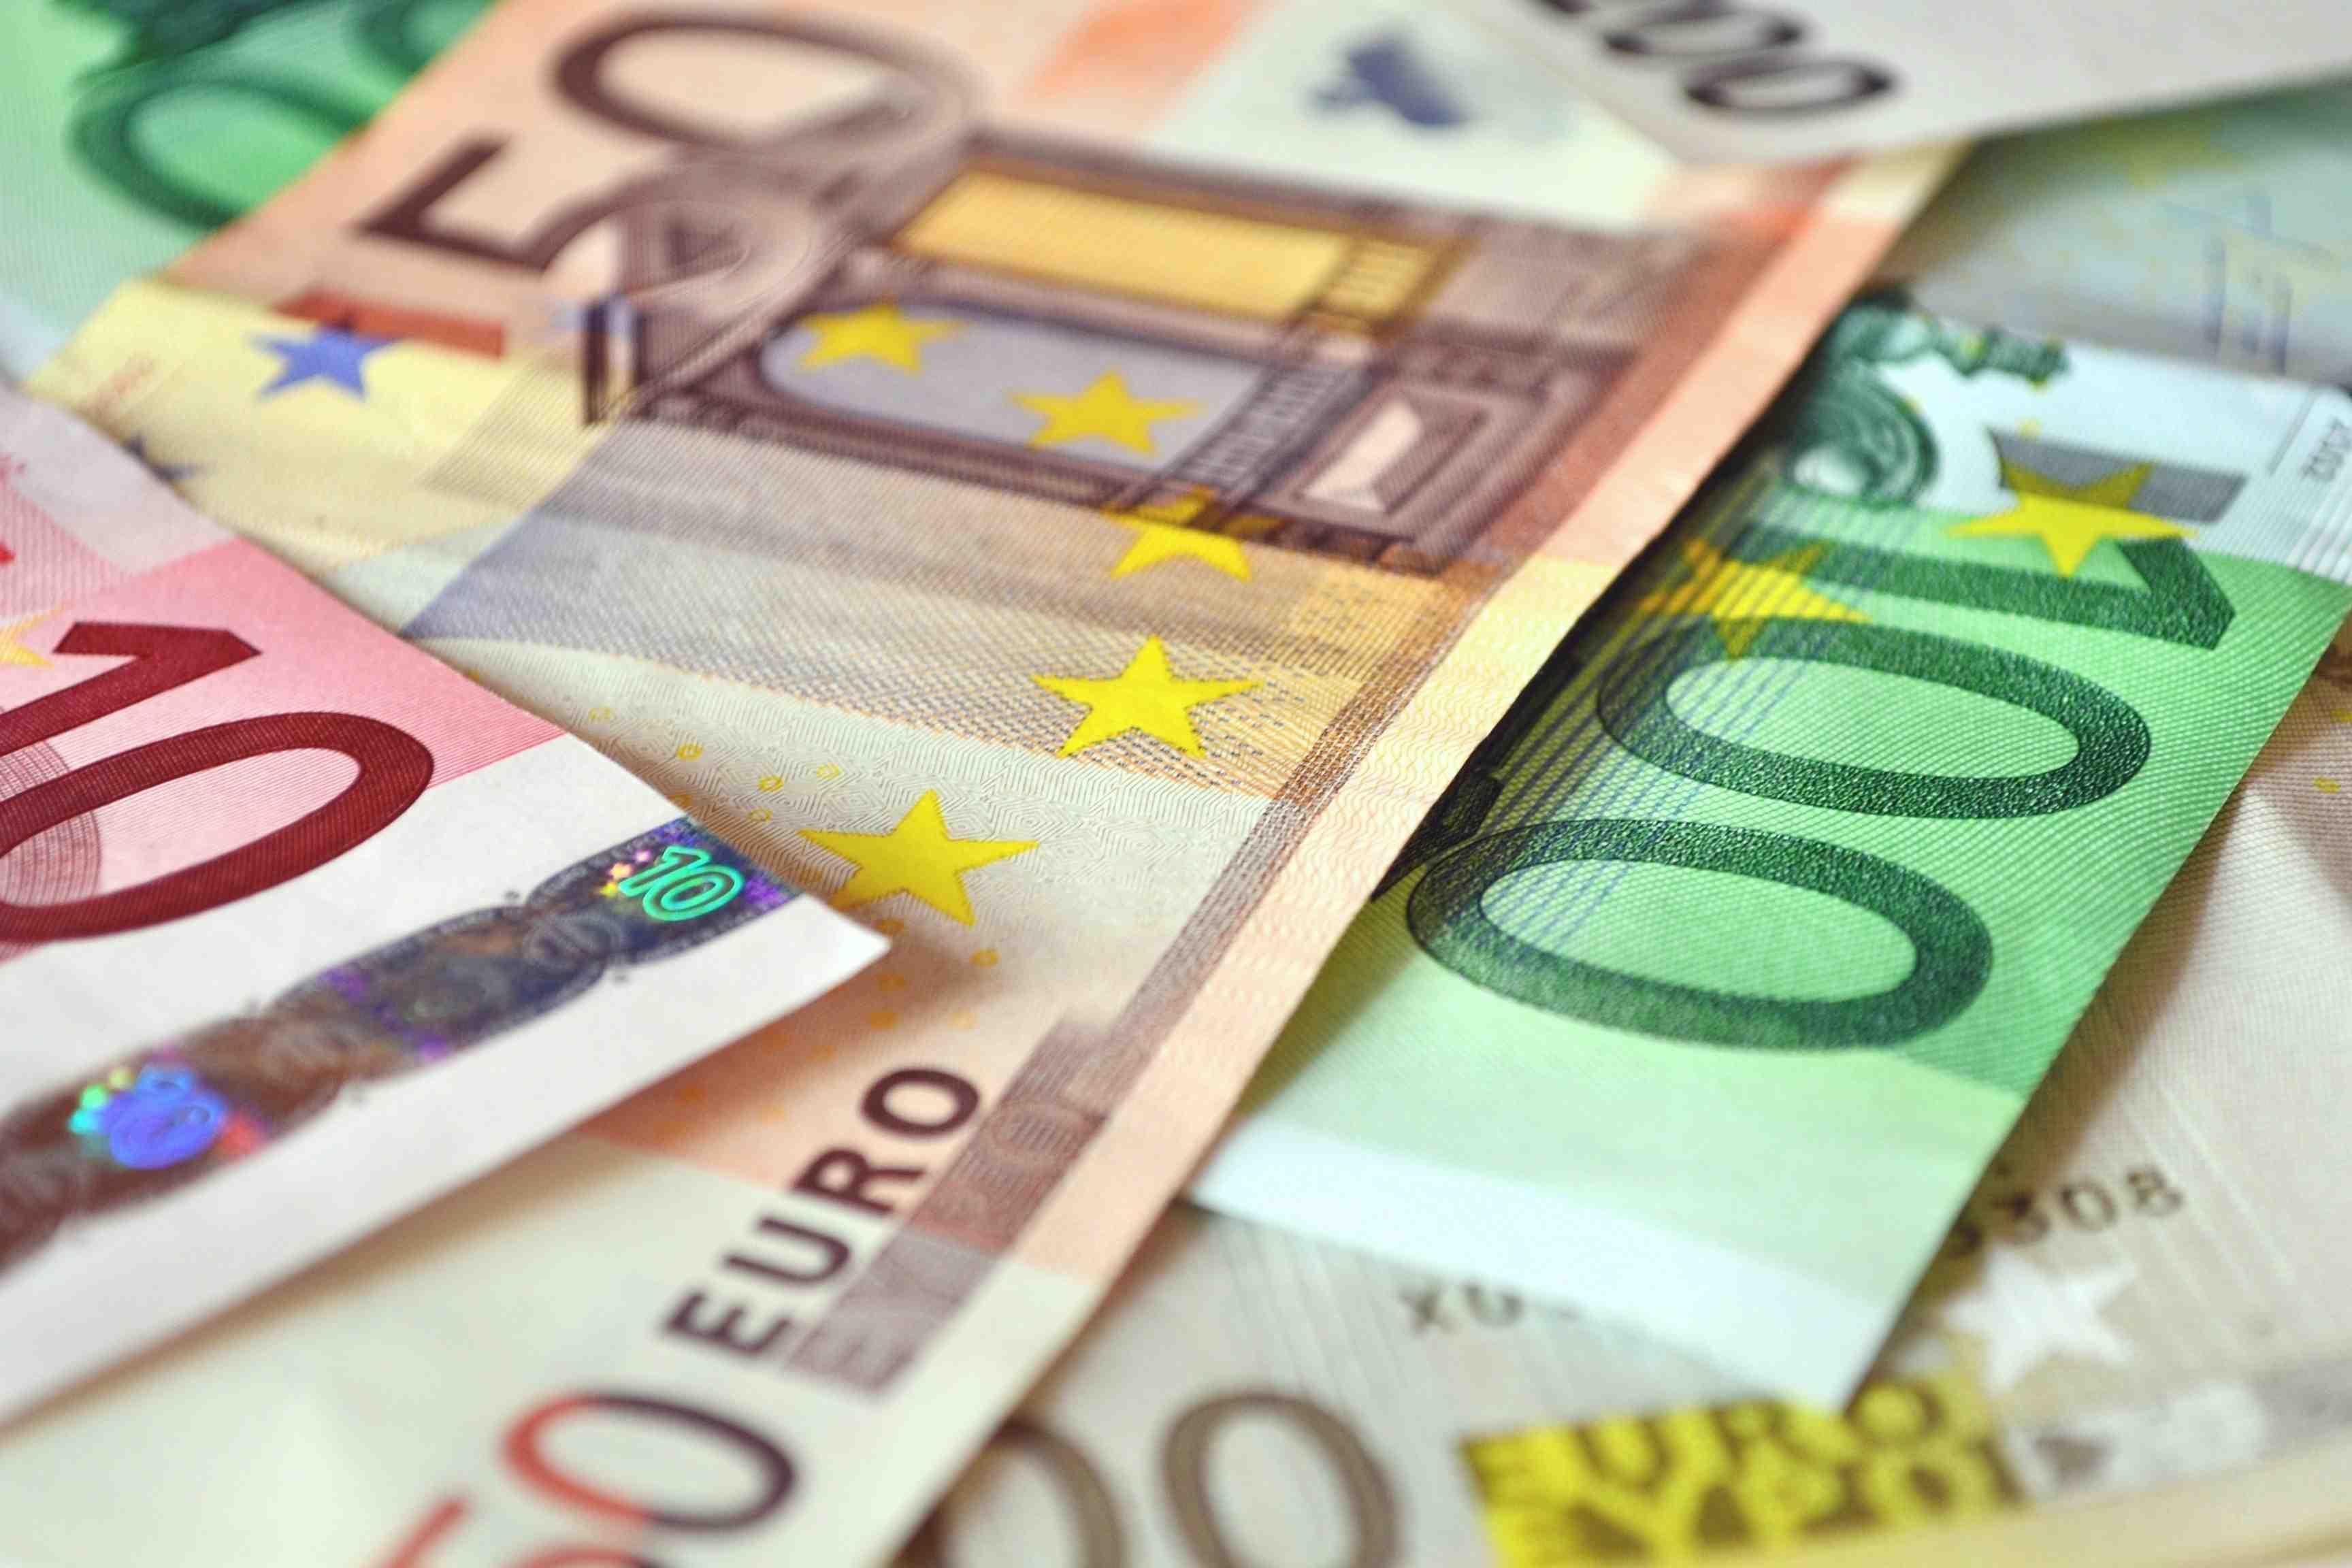 Eurobanknoten_Andreas_Hermsdorf_pixelio.de